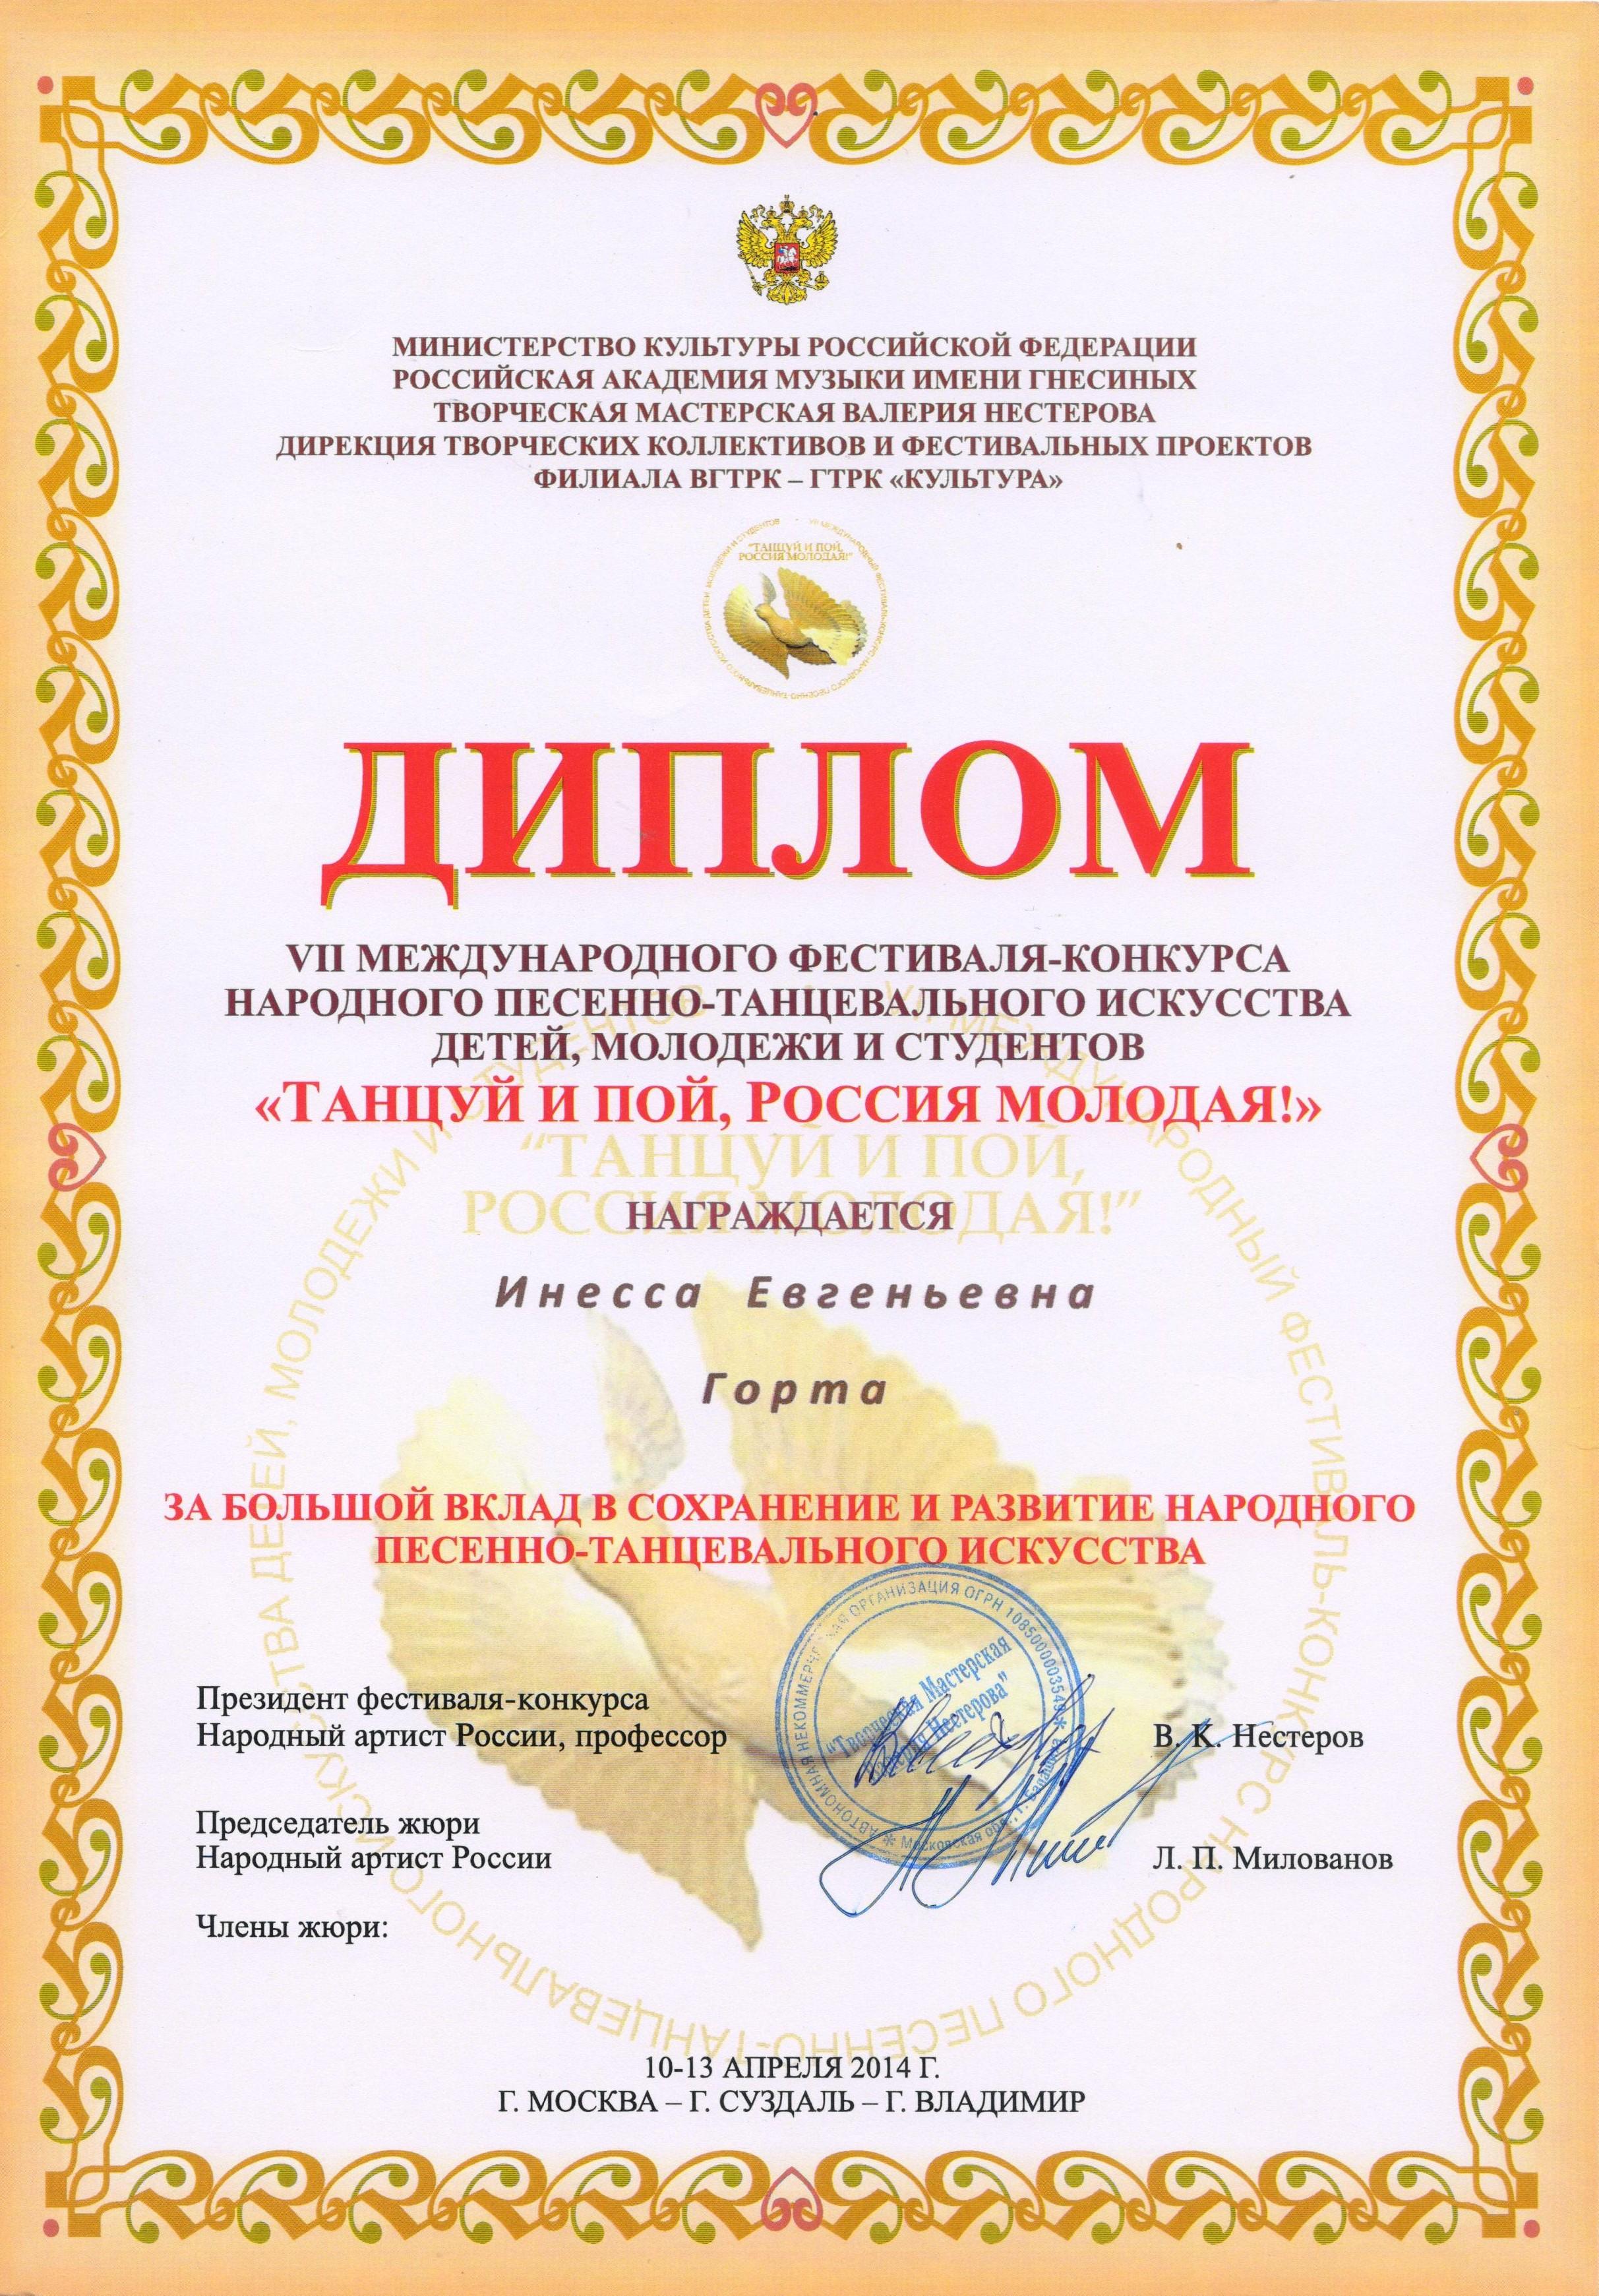 Международный песенный конкурс проводимый в казахстане